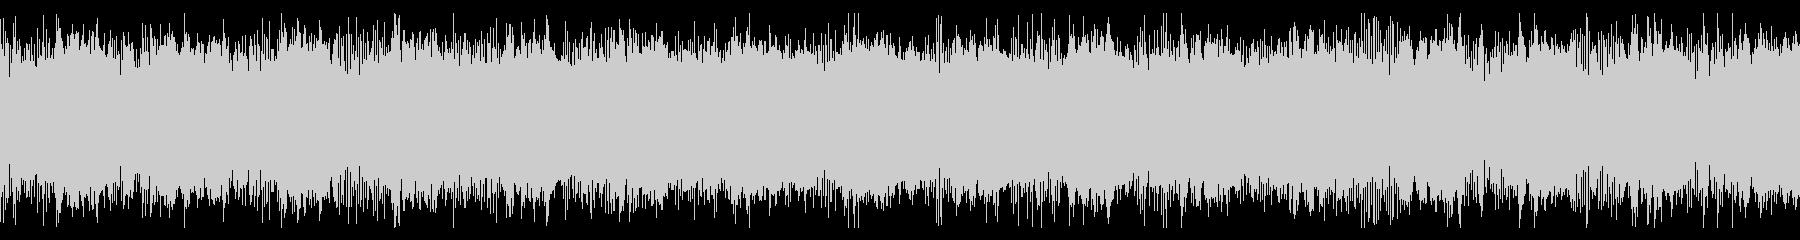 メカニックなアラート音の未再生の波形